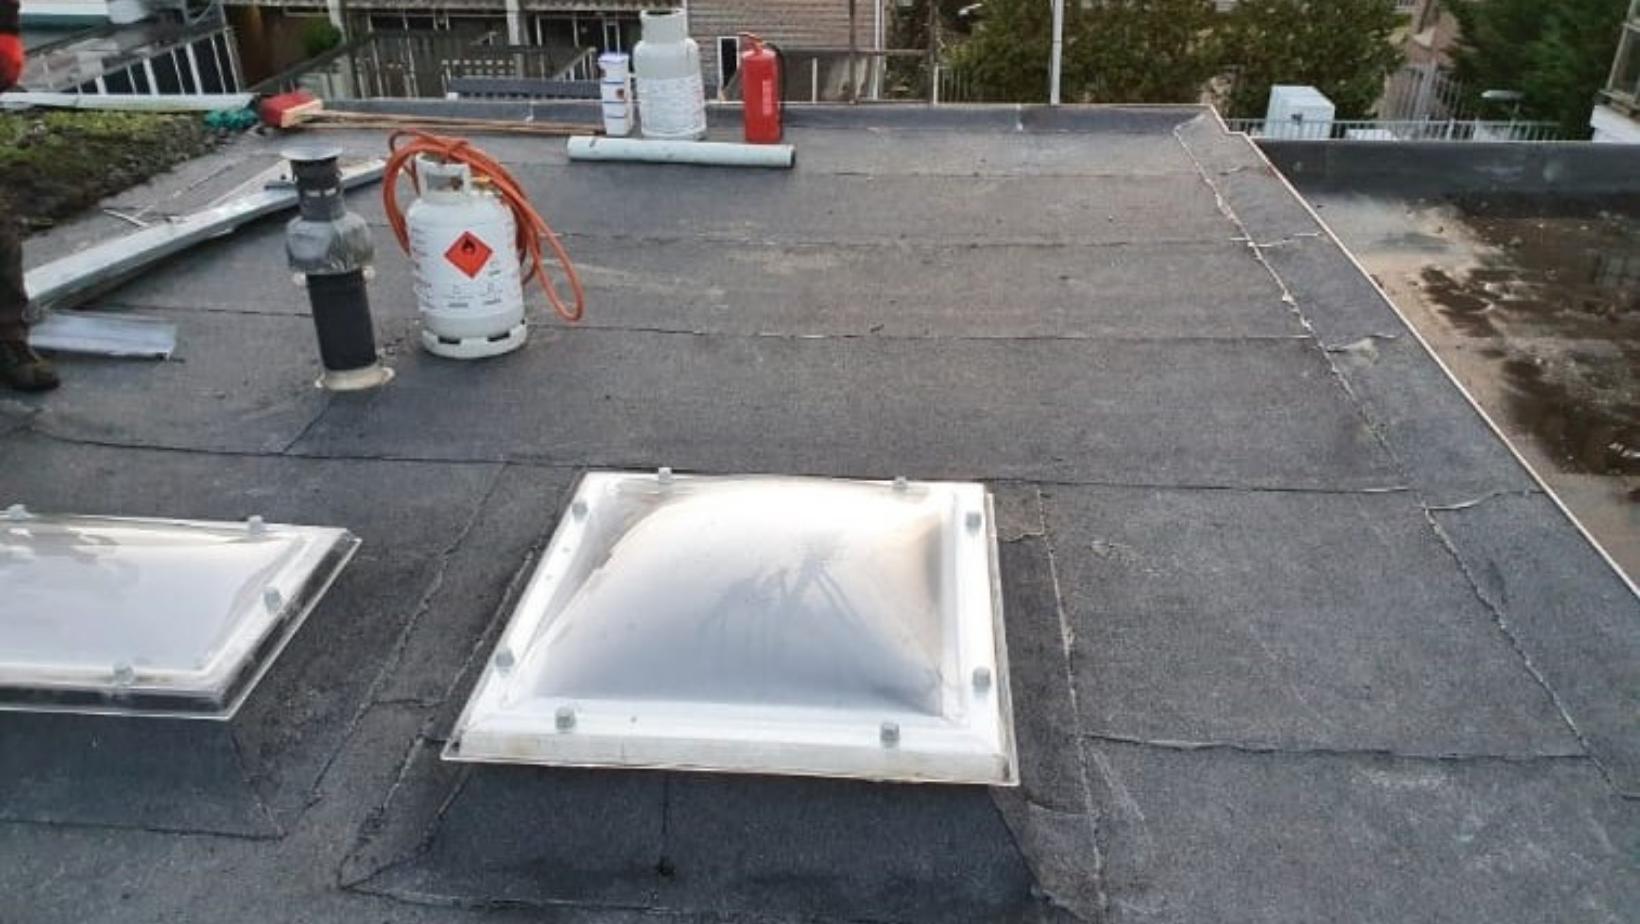 HS Dakdekker - Bitumen dak met dakramen vernieuwen